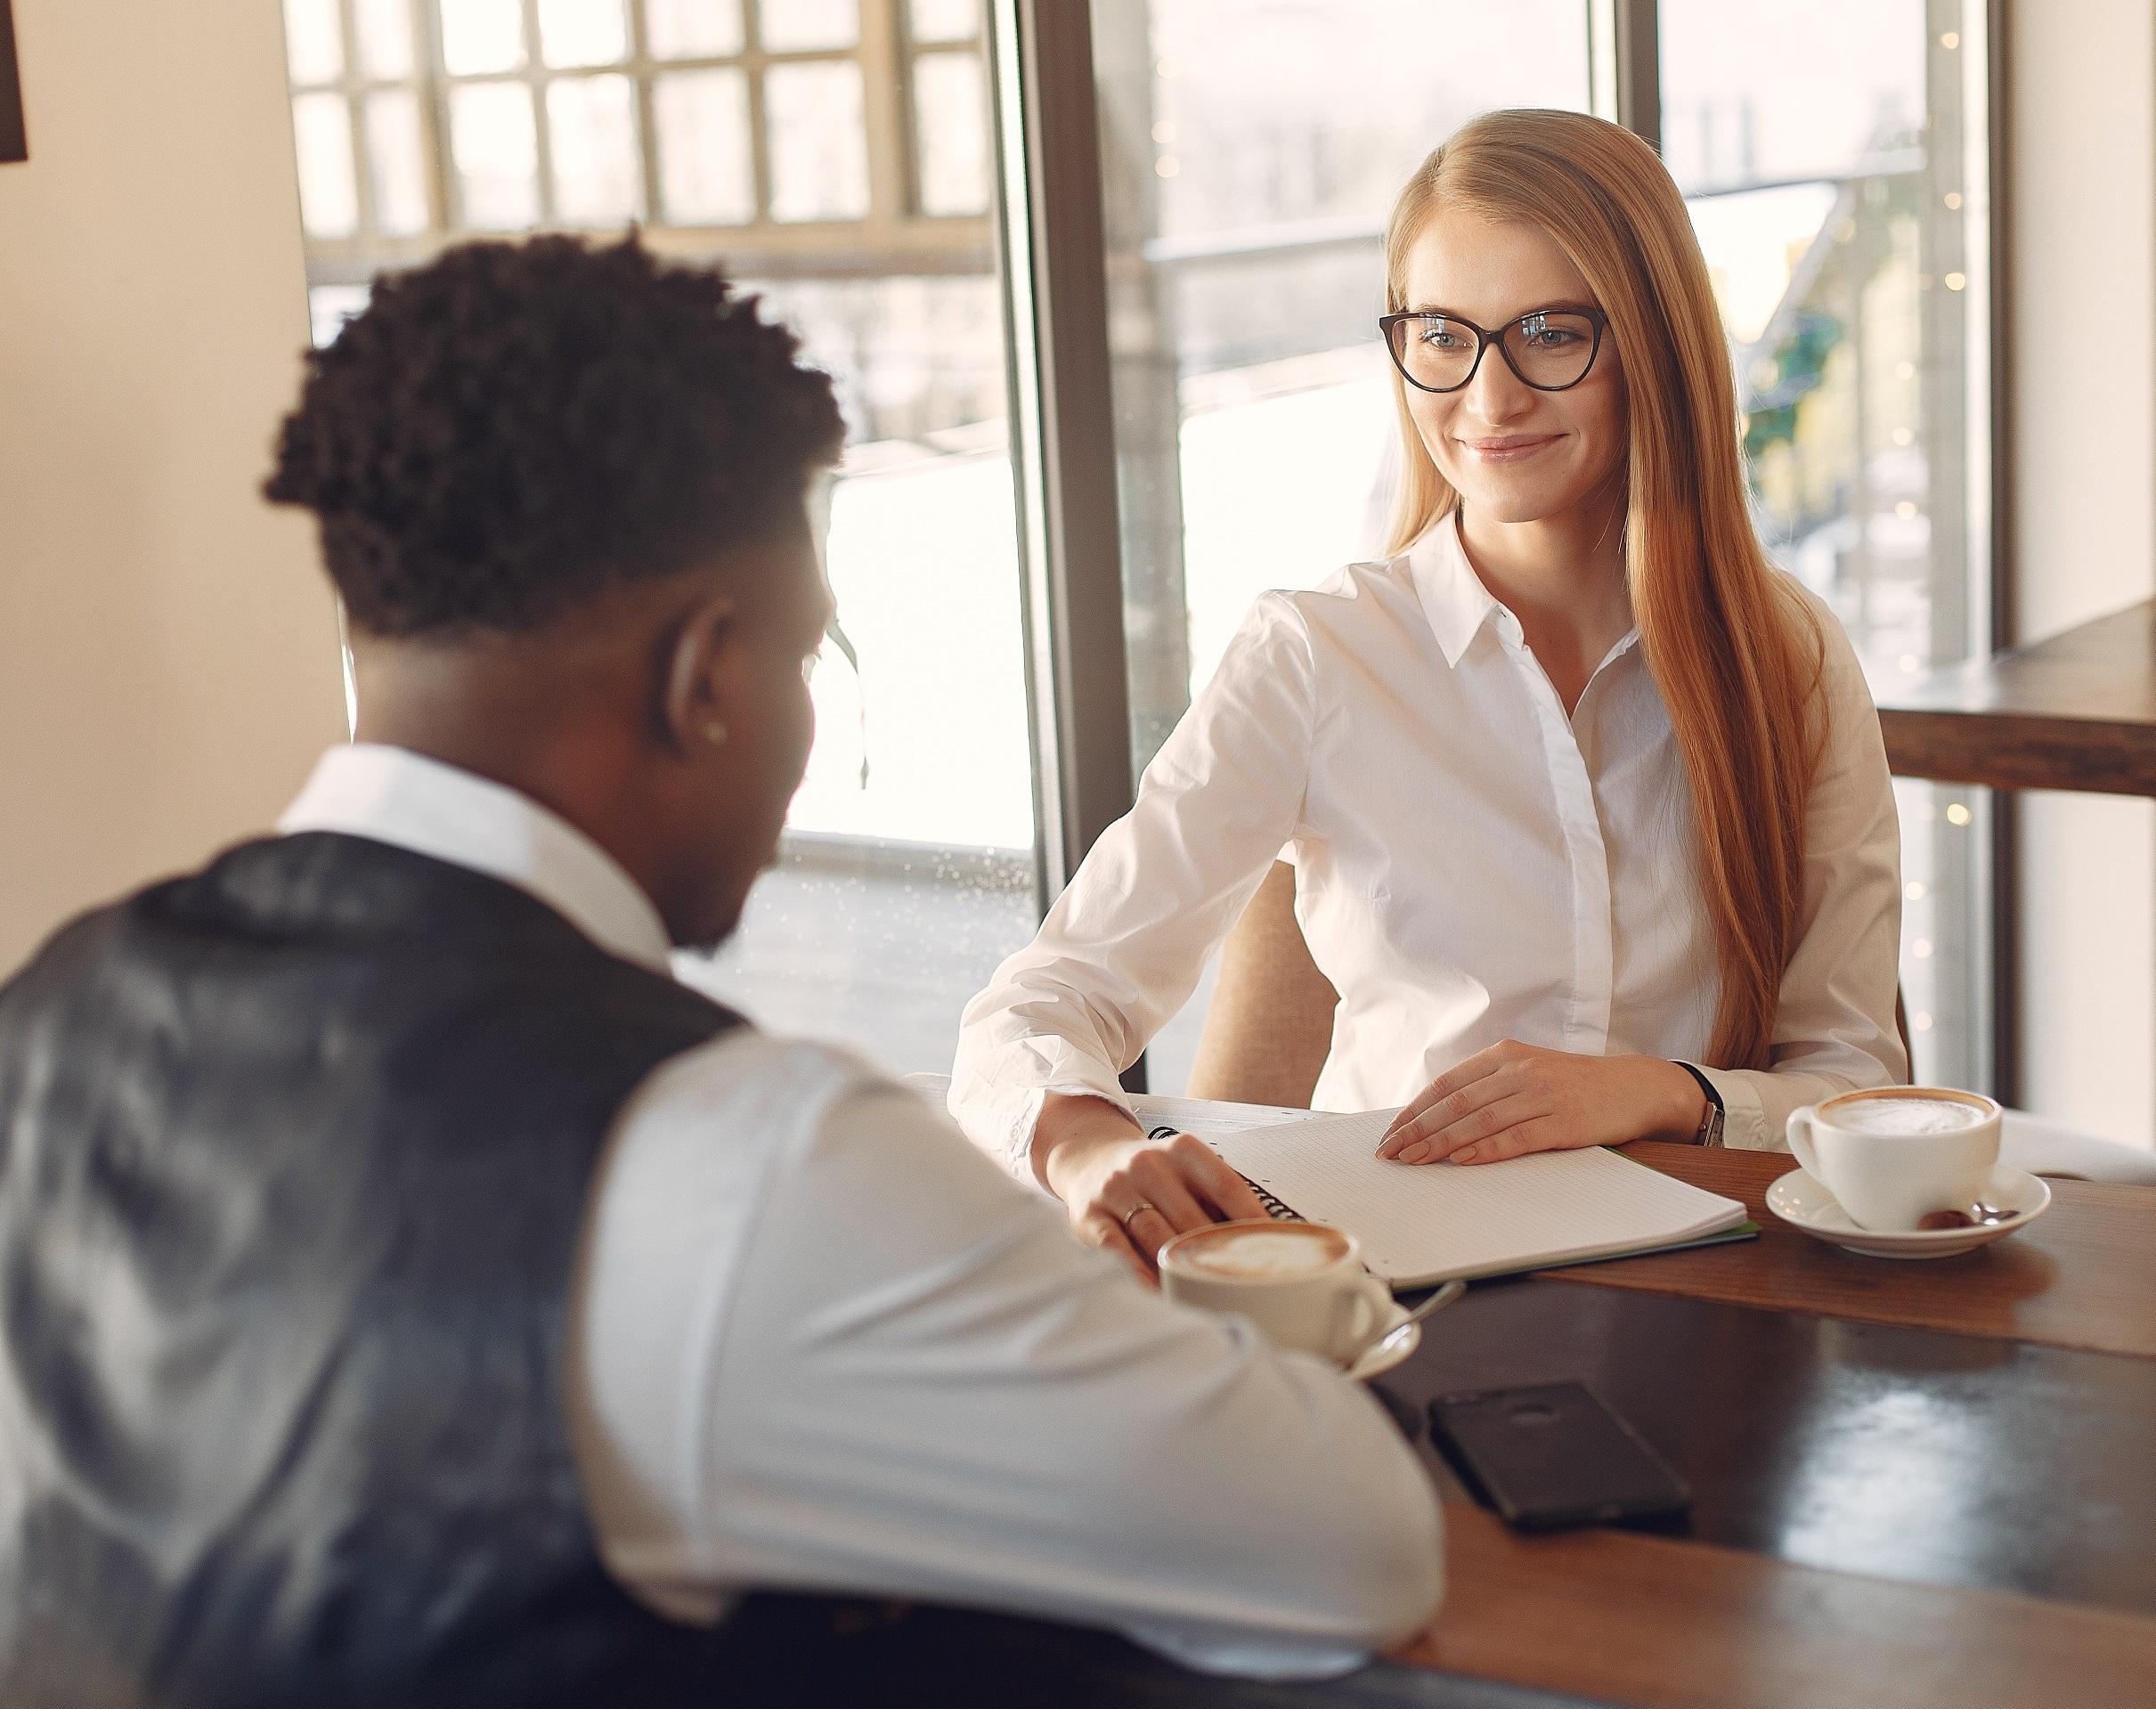 Hogyan készüljünk fel egy interjúra? 1. rész 1